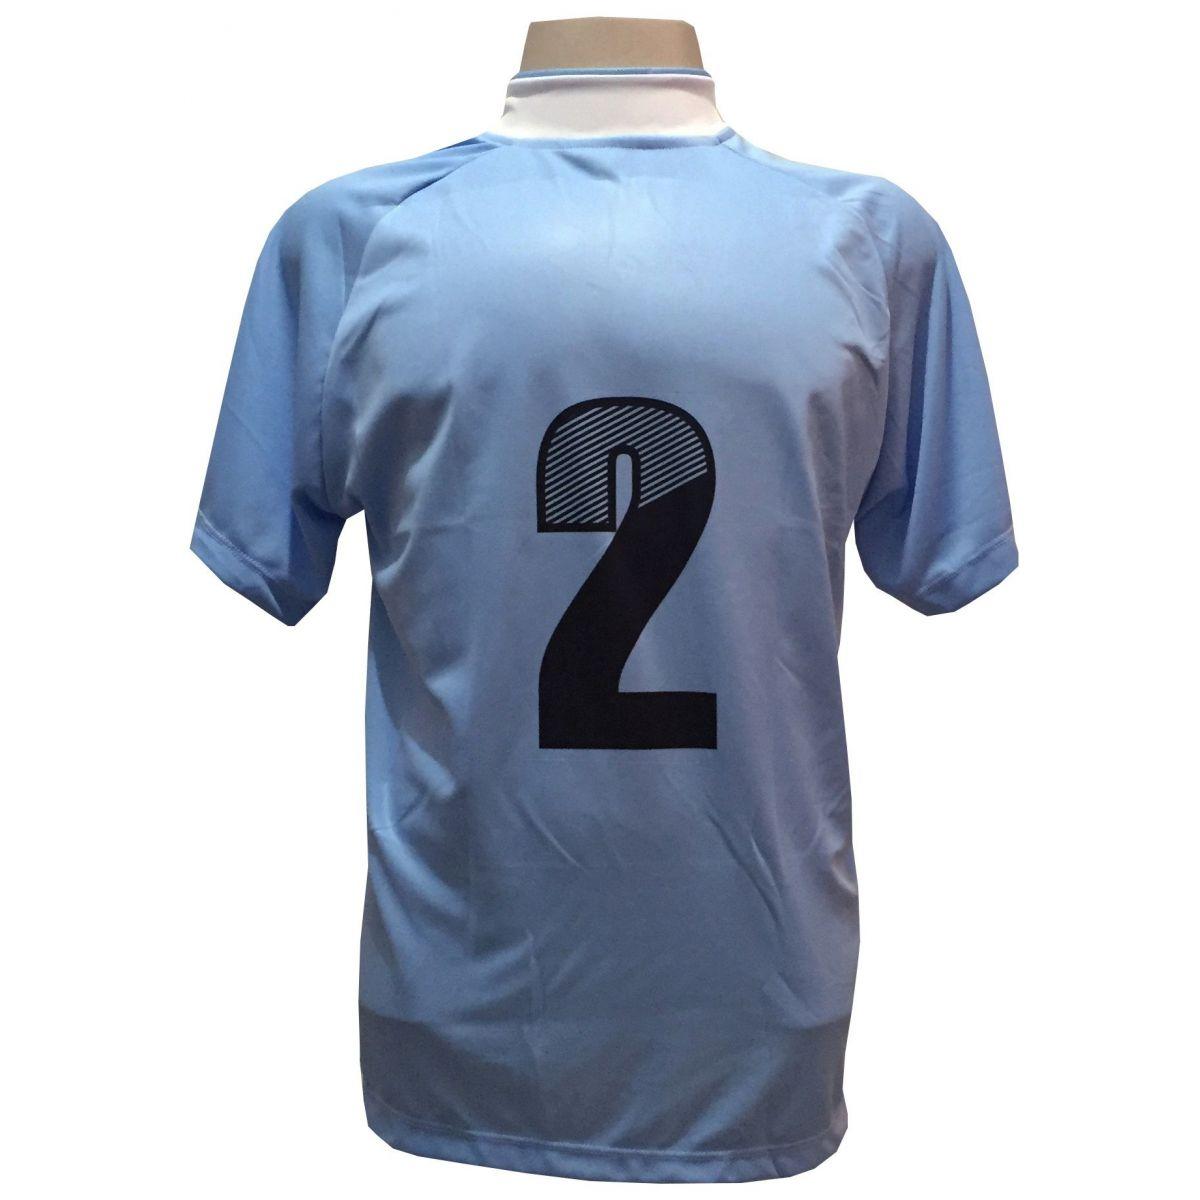 Uniforme Esportivo com 12 Camisas modelo Milan Celeste/Branco + 12 Calções modelo Madrid Branco + 12 Pares de meiões Branco